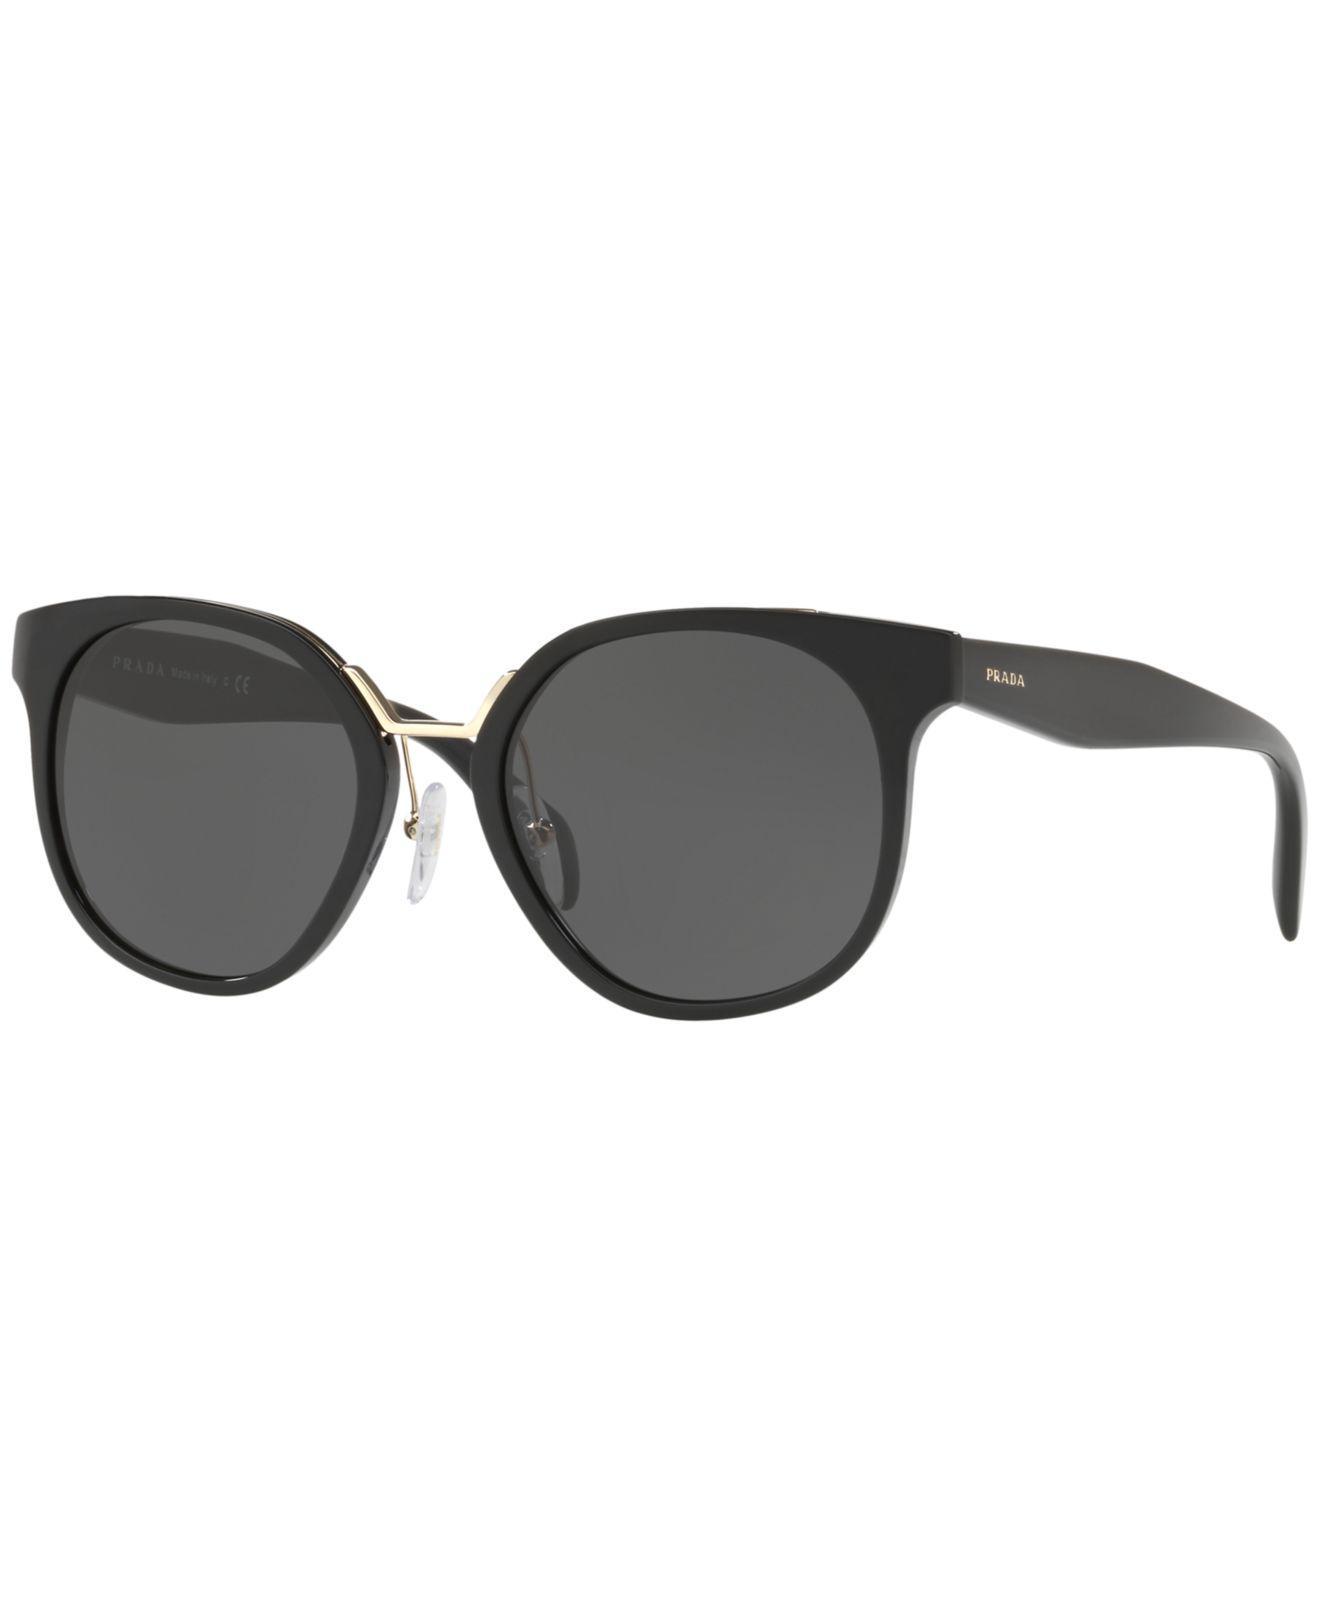 c10480c200fd2 Prada - Black Sunglasses